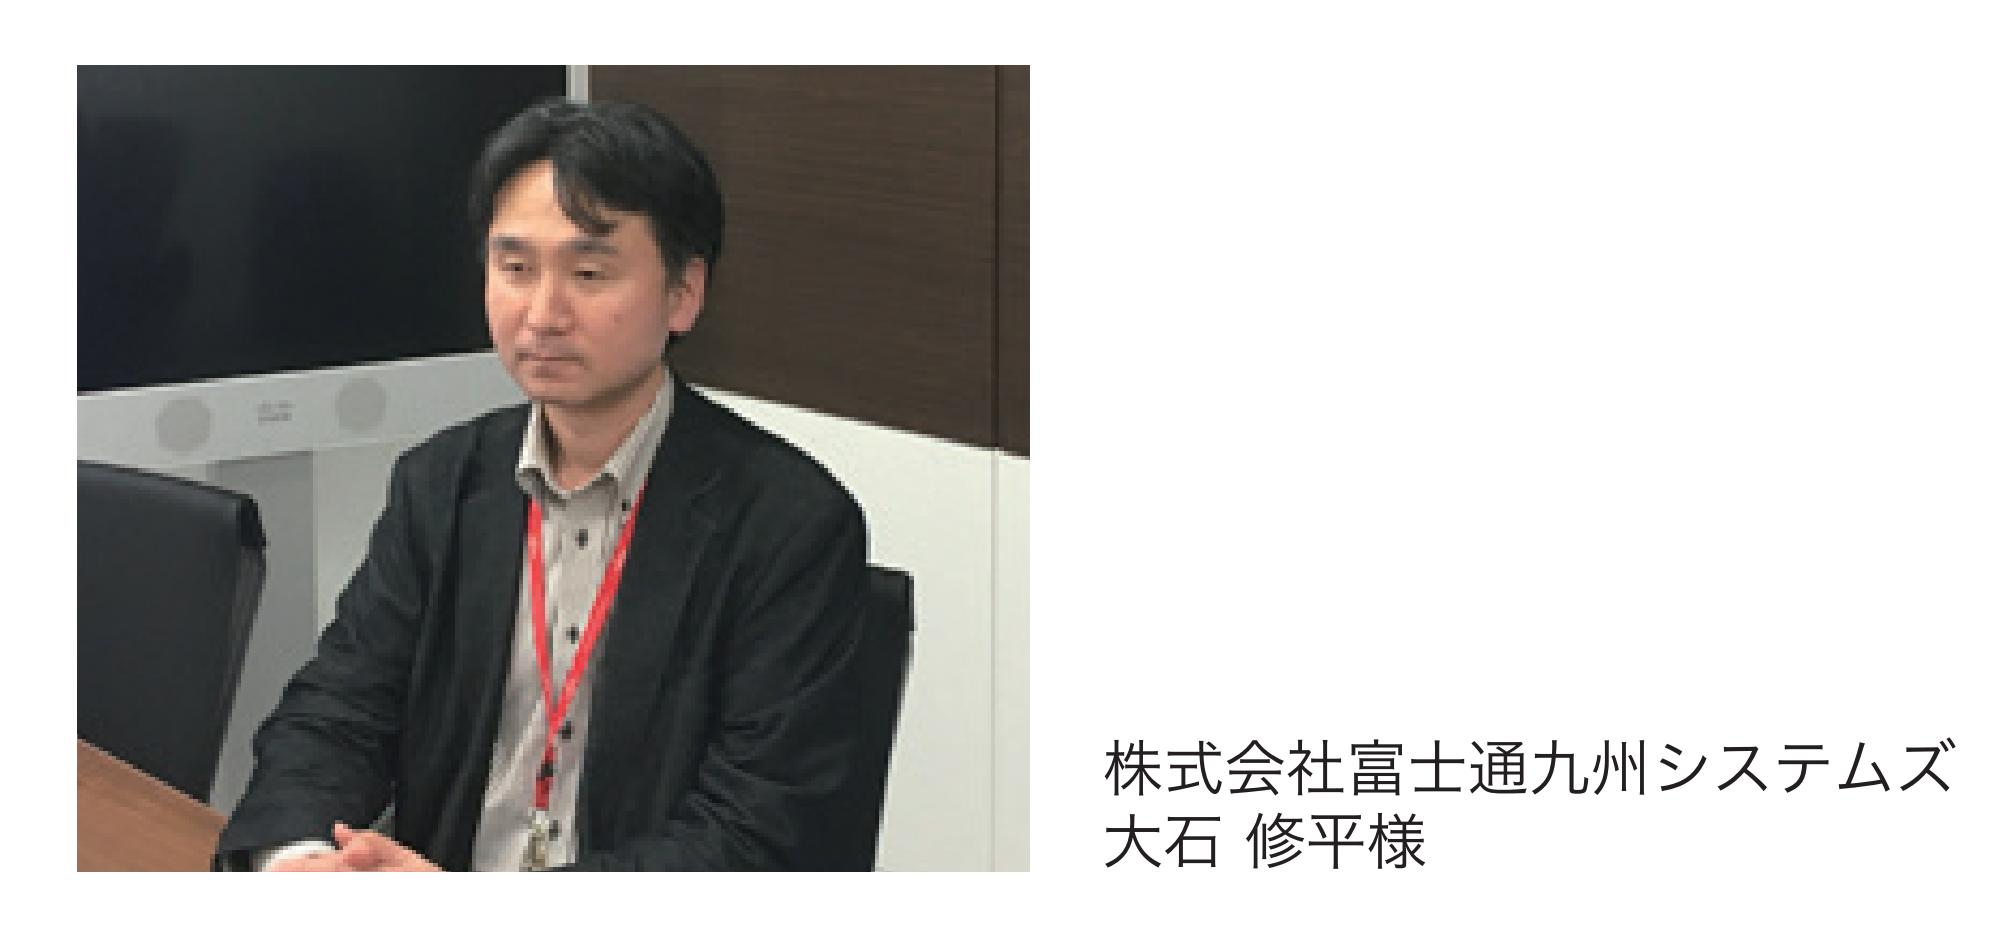 株式会社富士通九州システムズ <br />大石 修平様